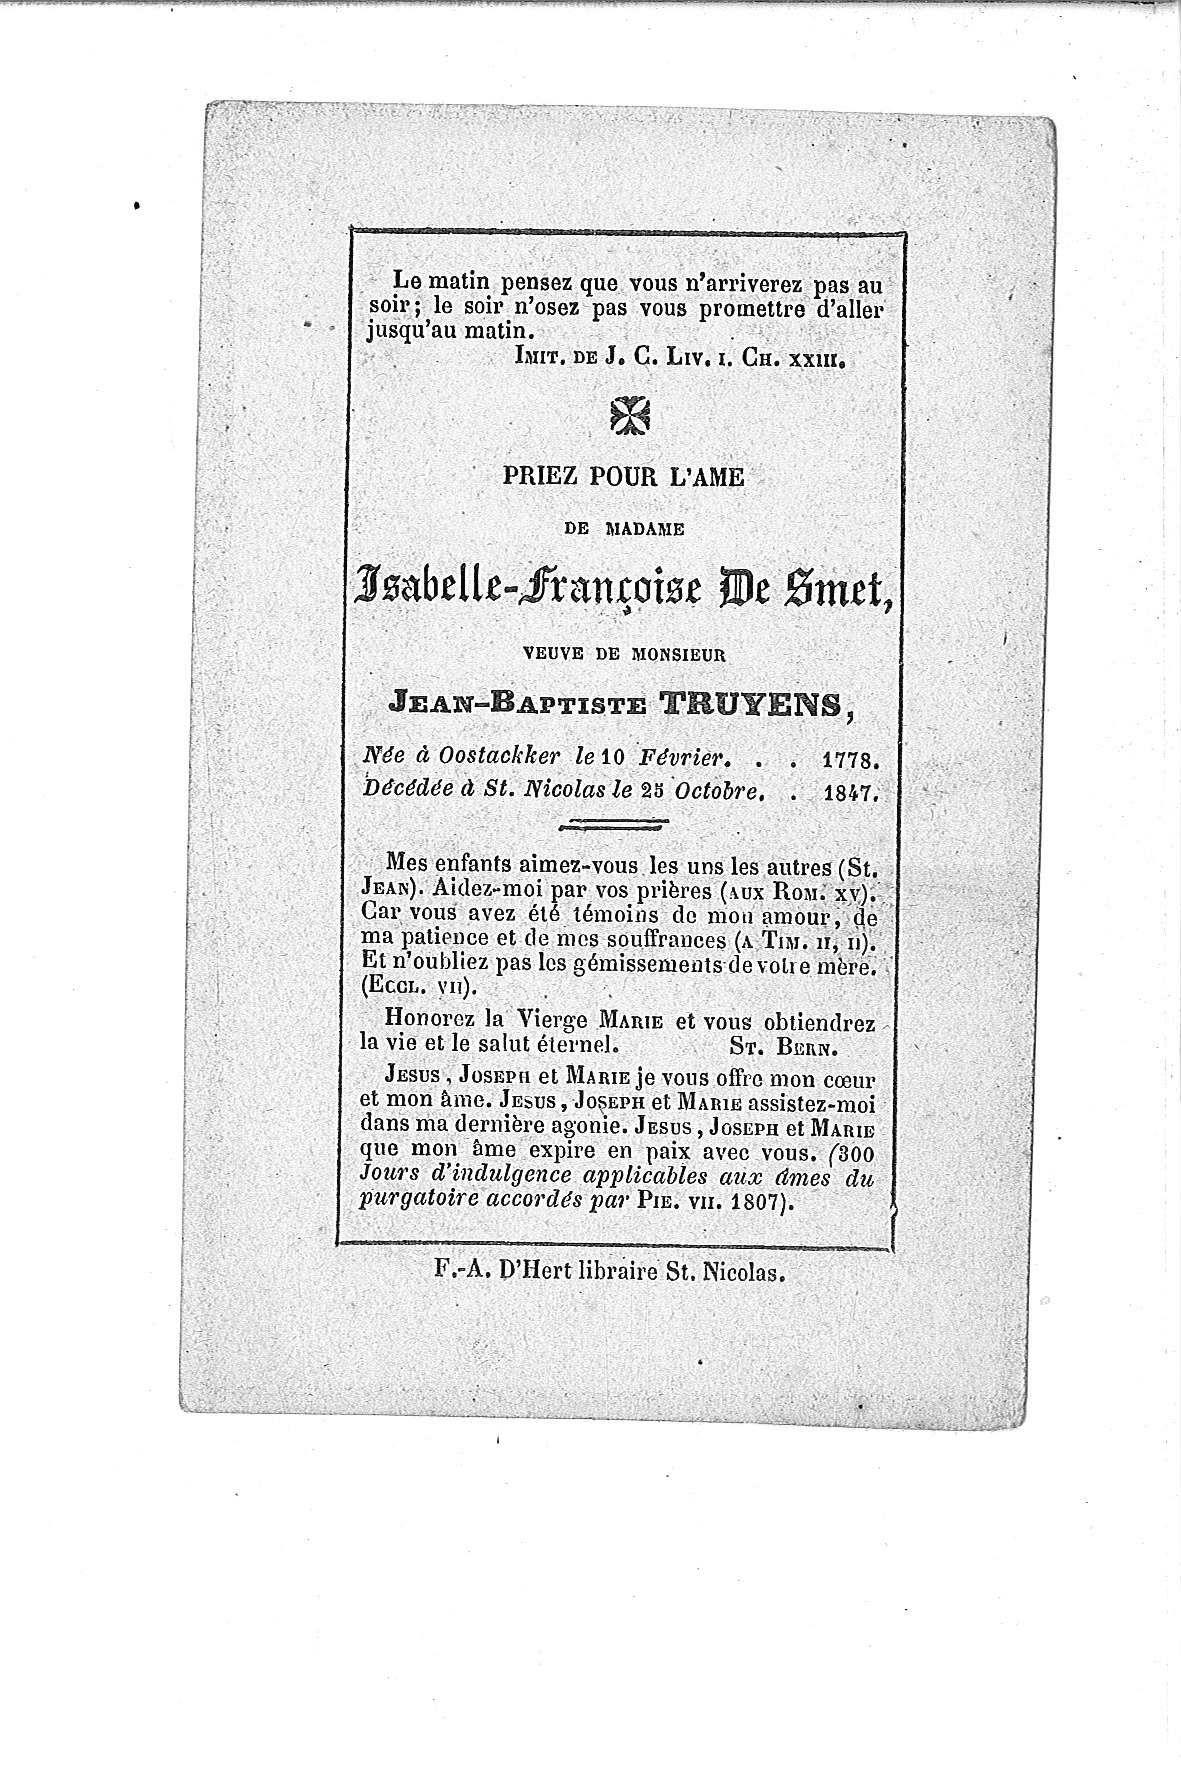 Isabelle-Françoise (1847) 20120502165716_00098.jpg